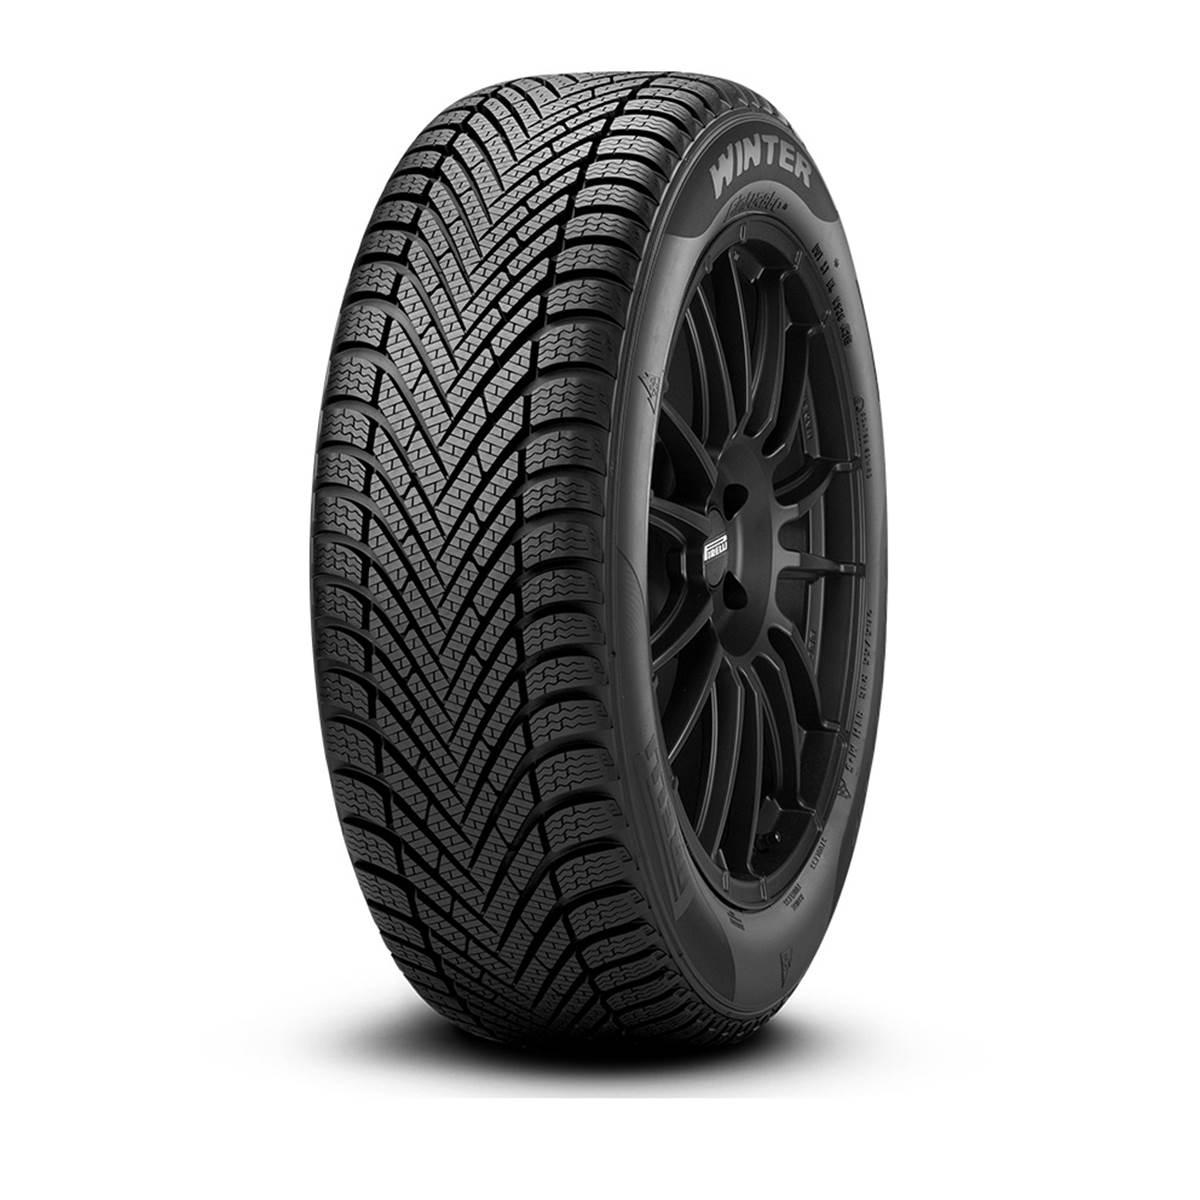 Pneu Hiver Pirelli 185/65R15 92T Cinturato Winter XL